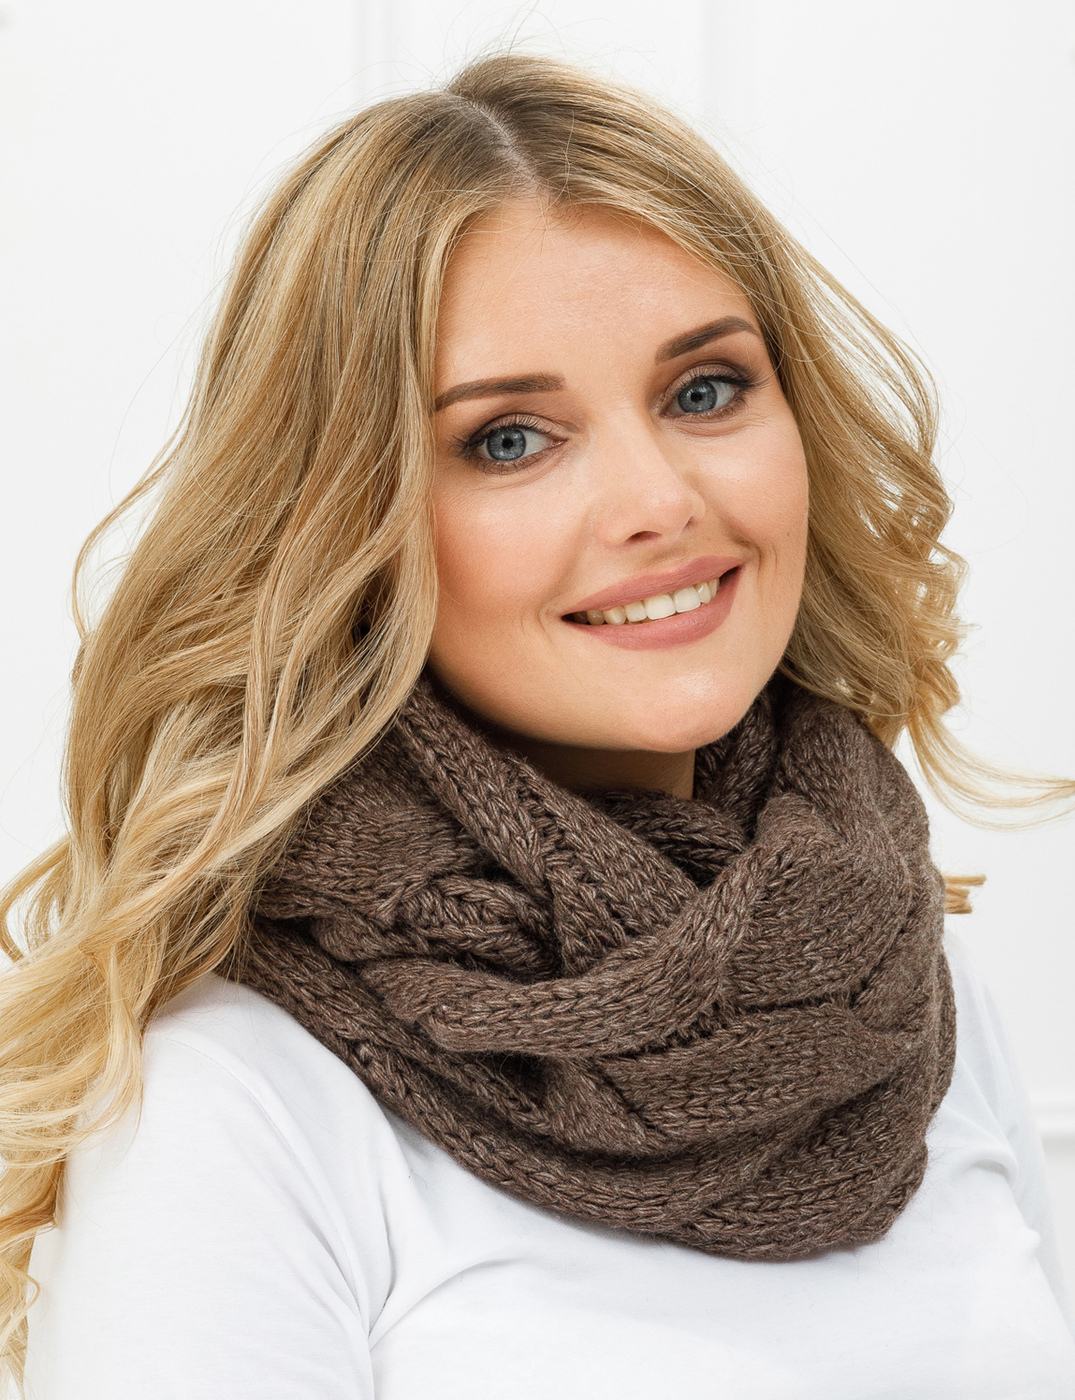 Стильный женский пуловер спицами из мохера фото профилактическая